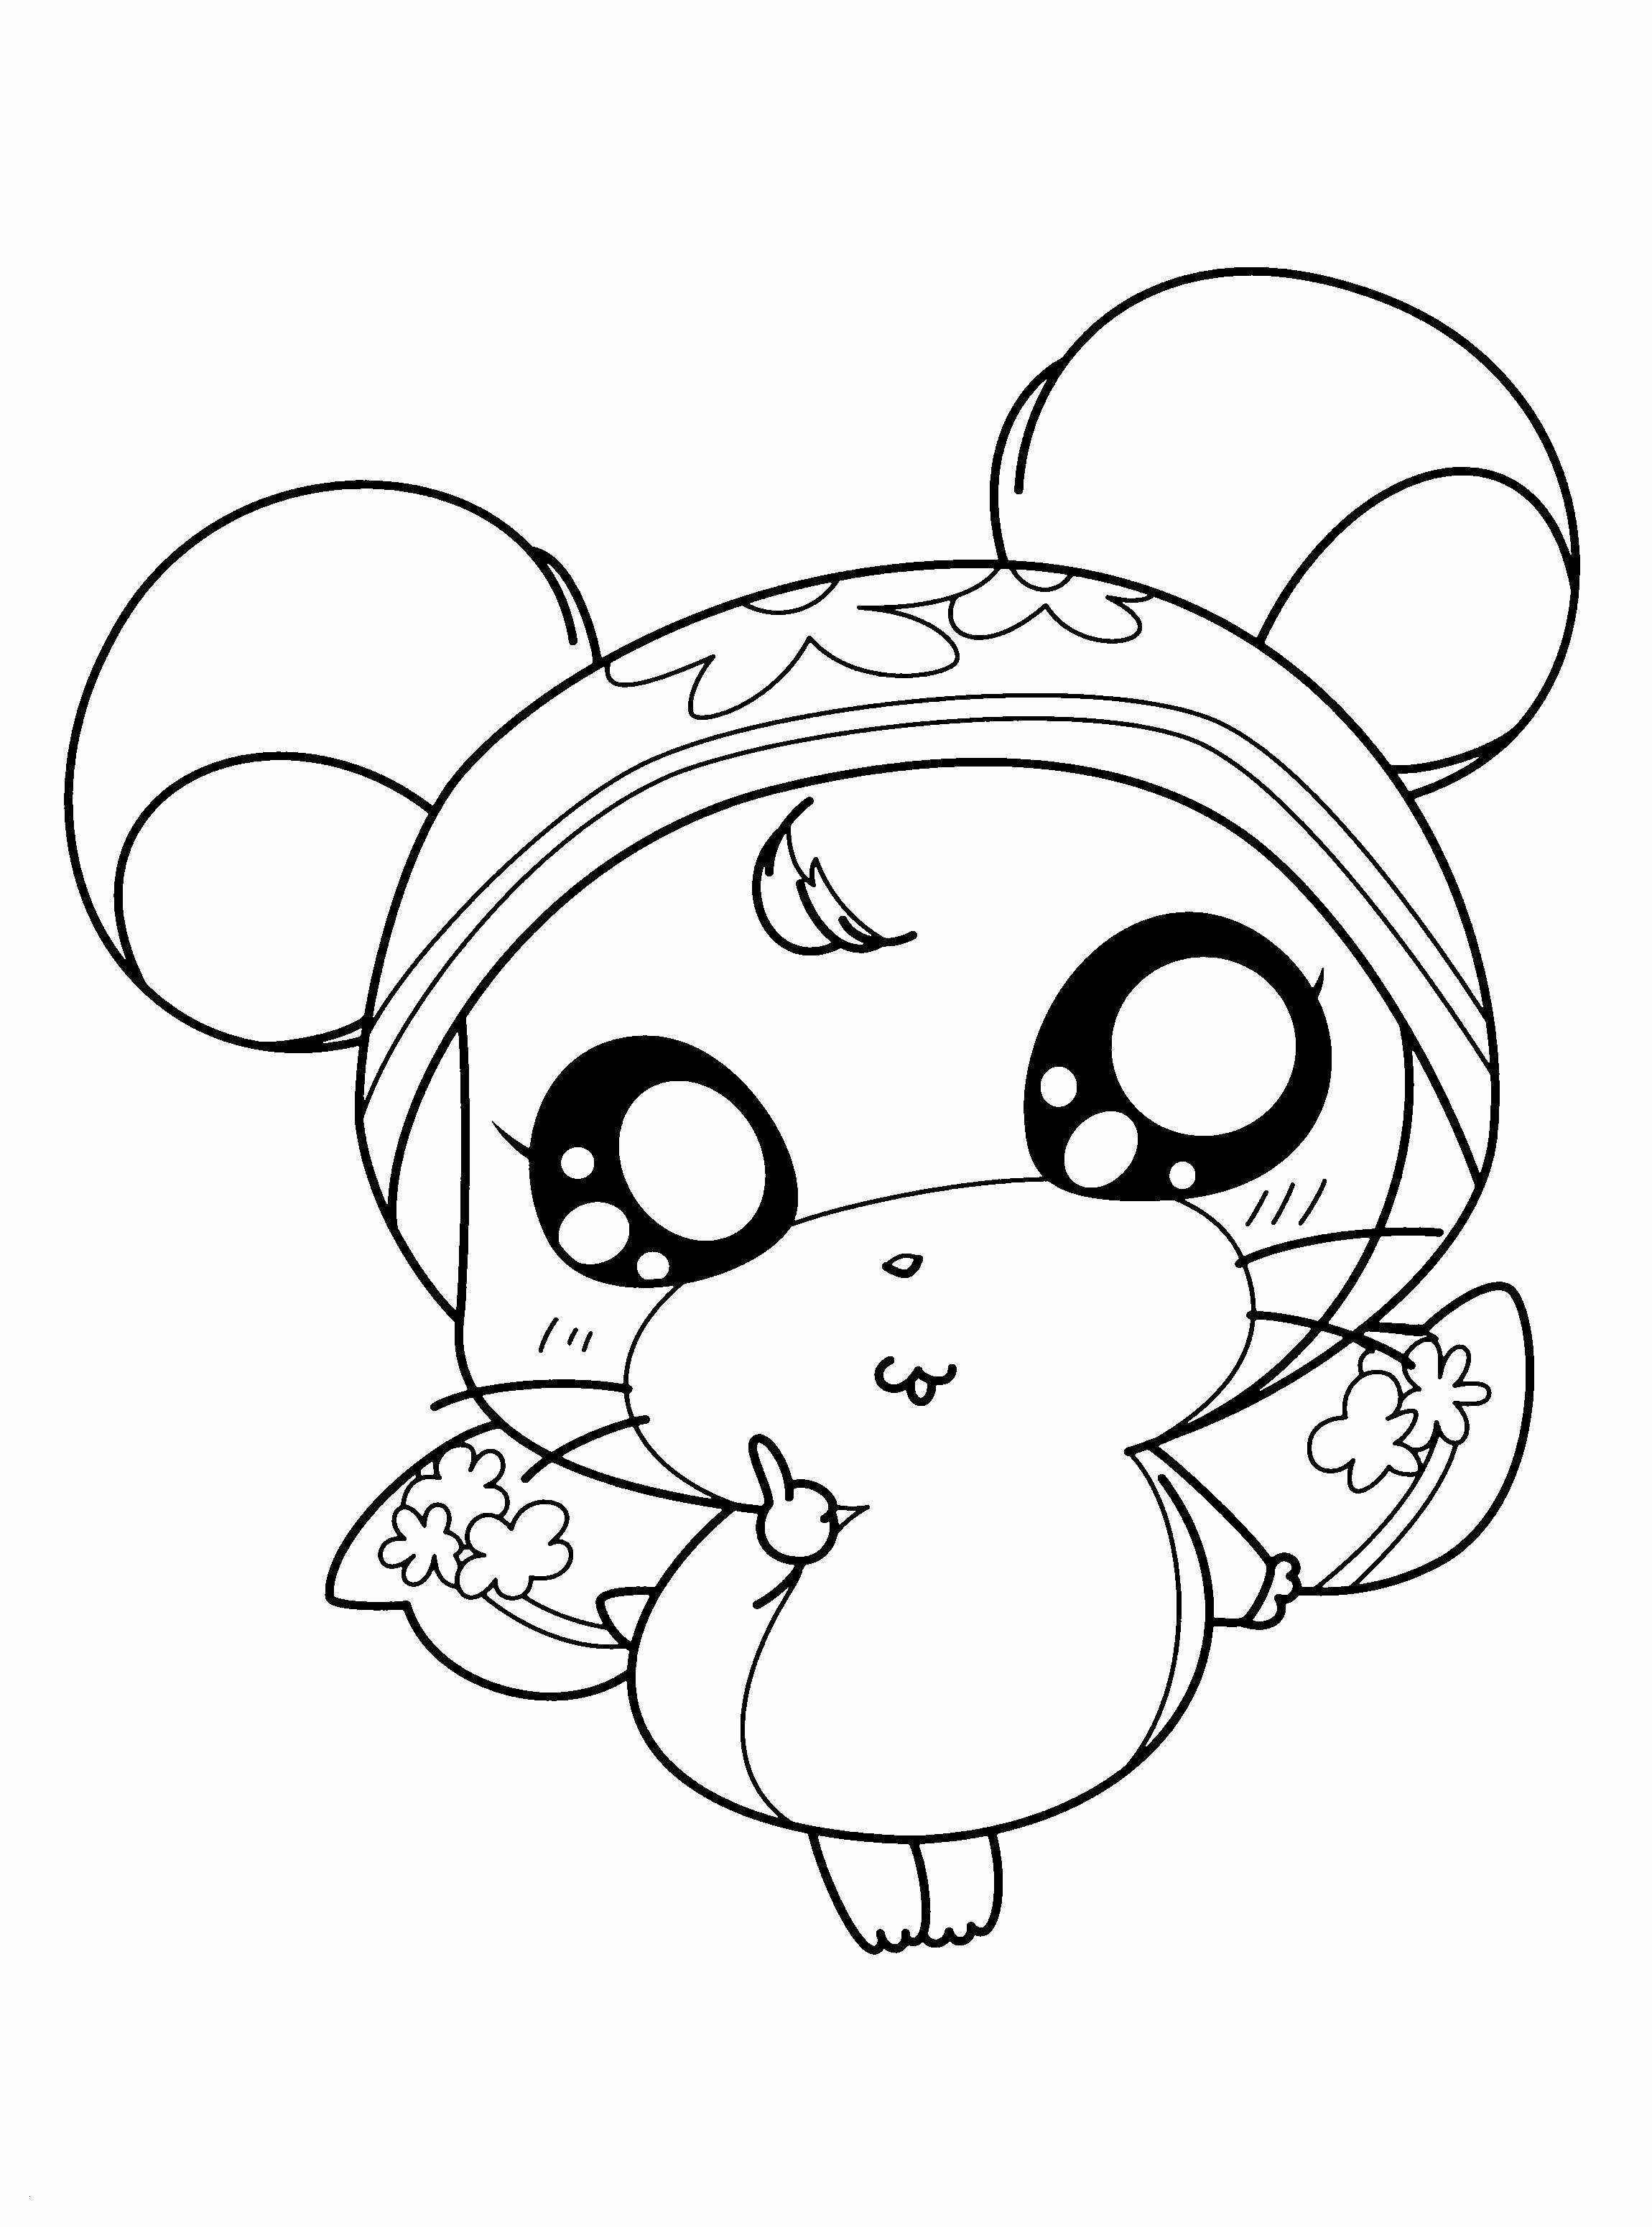 Minnie Maus Malvorlagen Genial Mickey Mouse Baby Ausmalbilder Elegant 35 Minnie Mouse Baby Sammlung